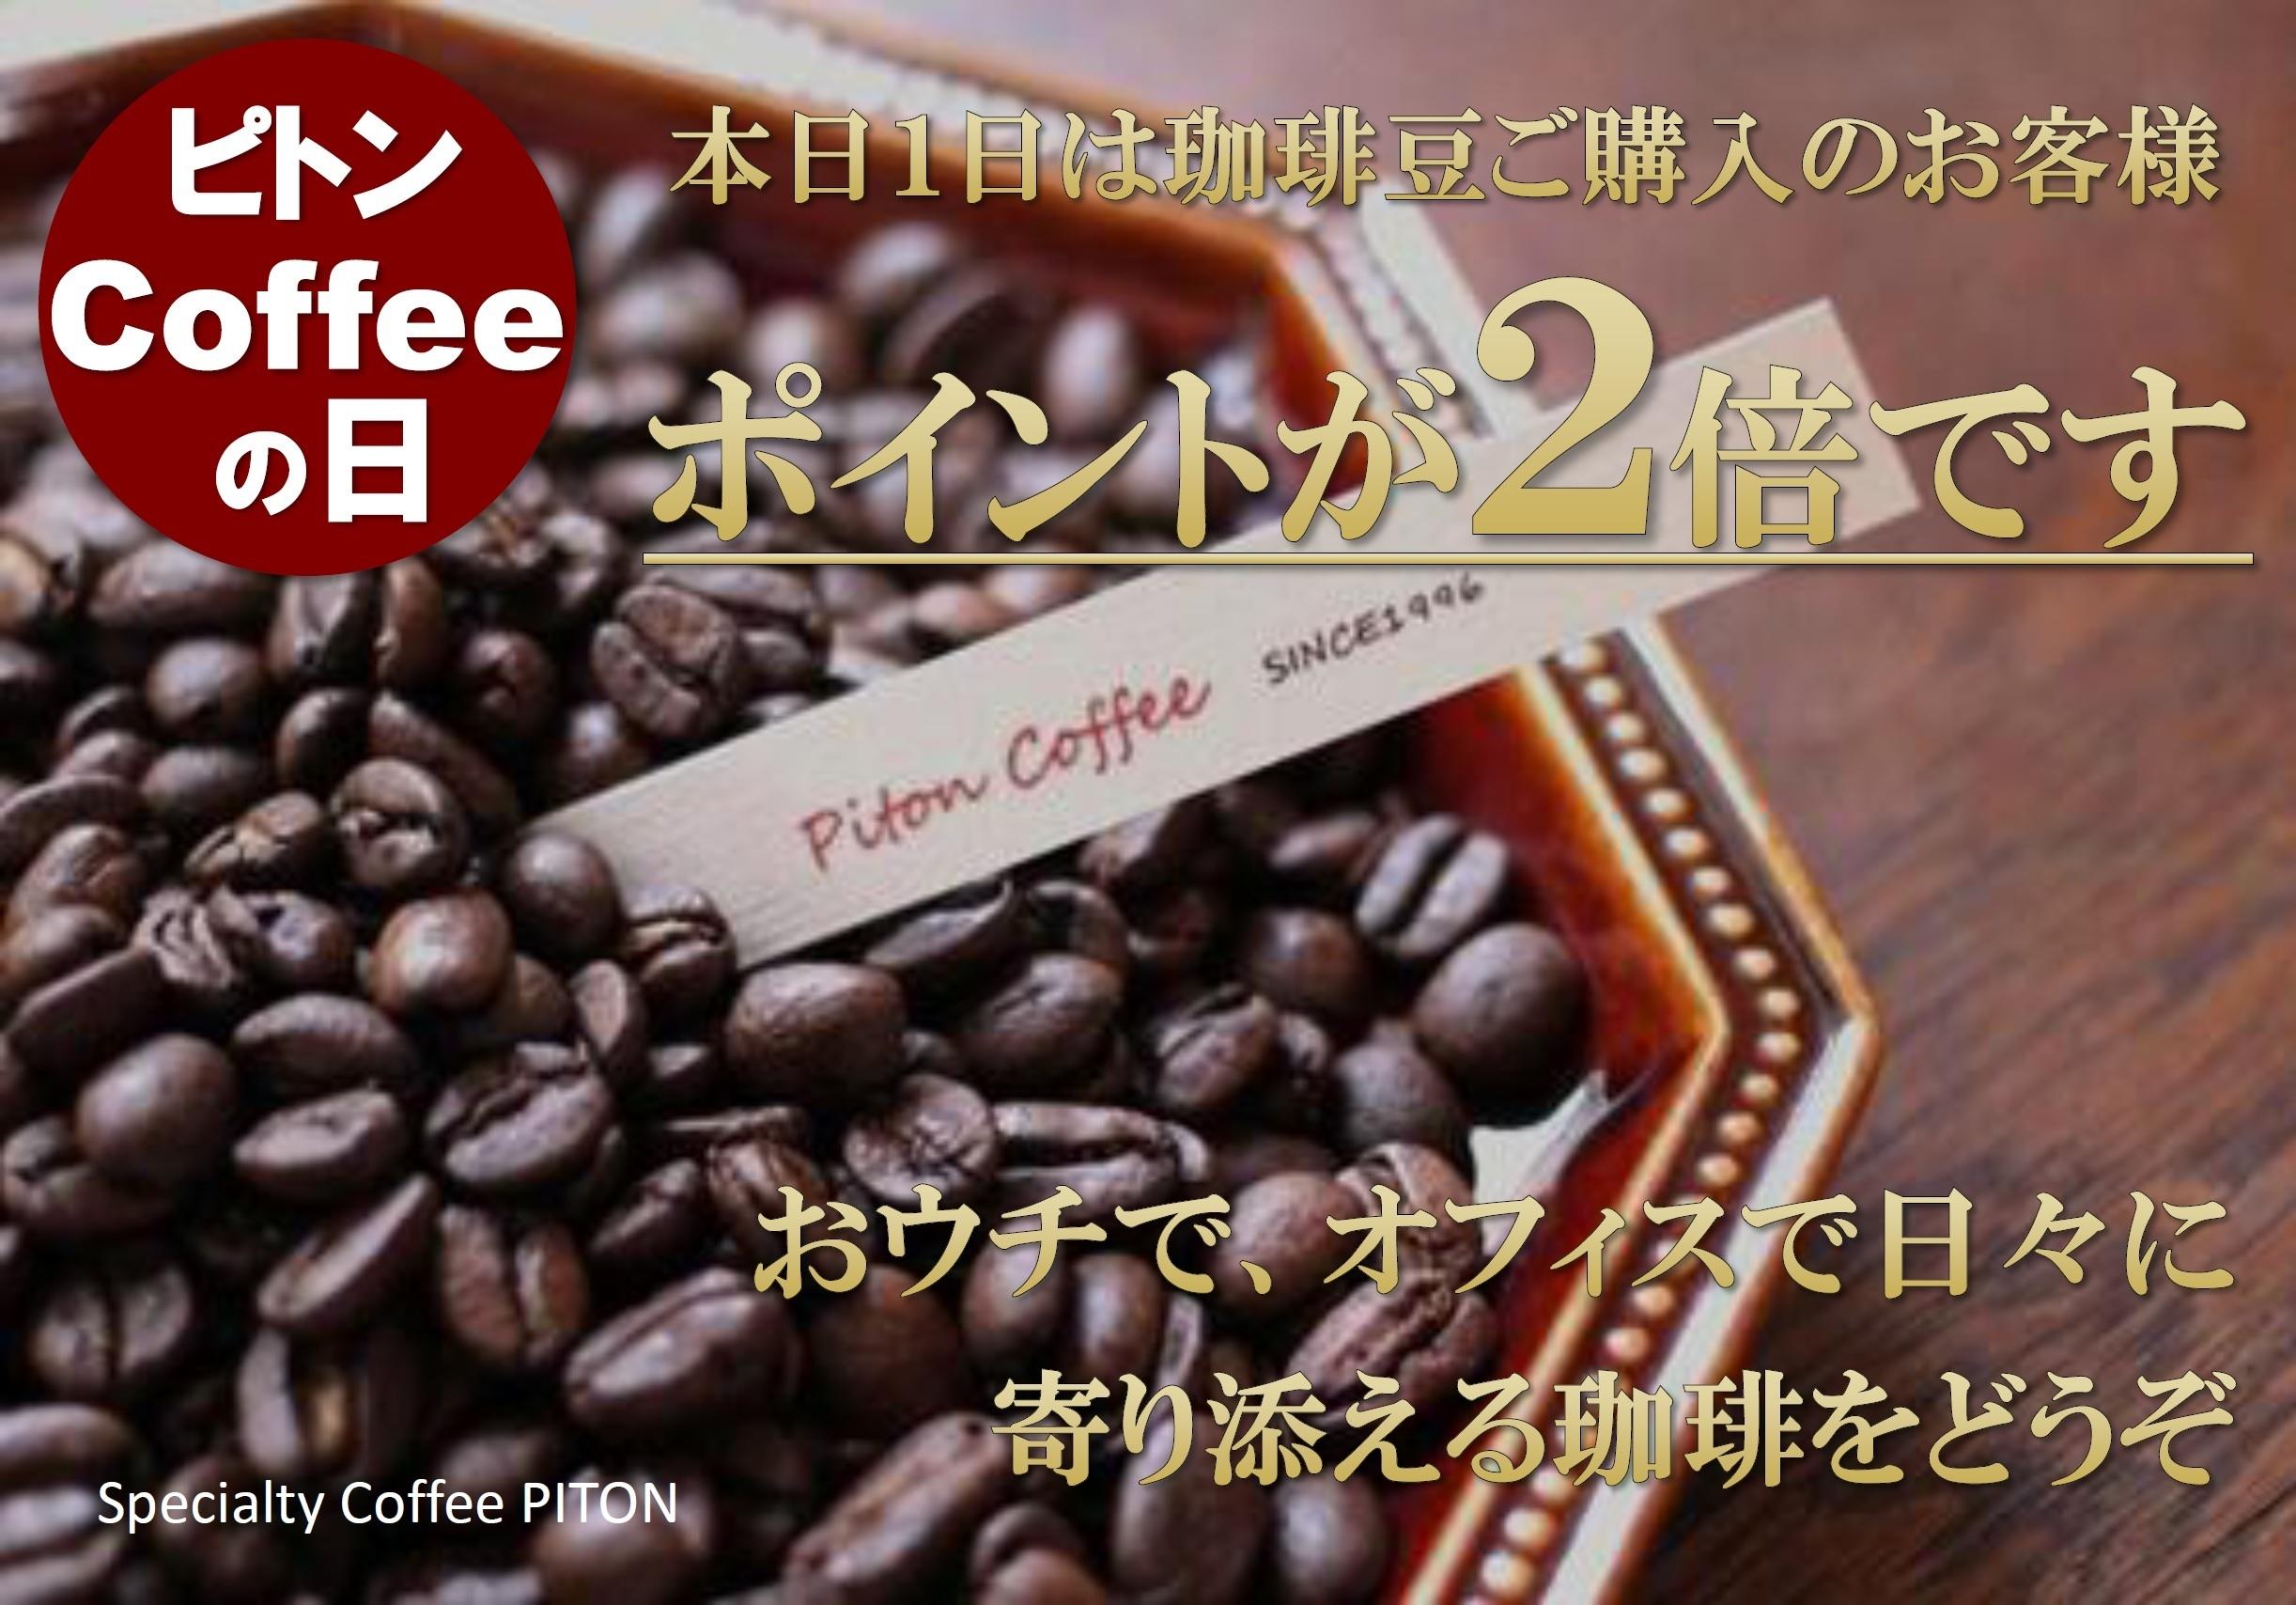 54CD847A-F6CC-4532-A64D-16D5A99AB1FF.jpeg